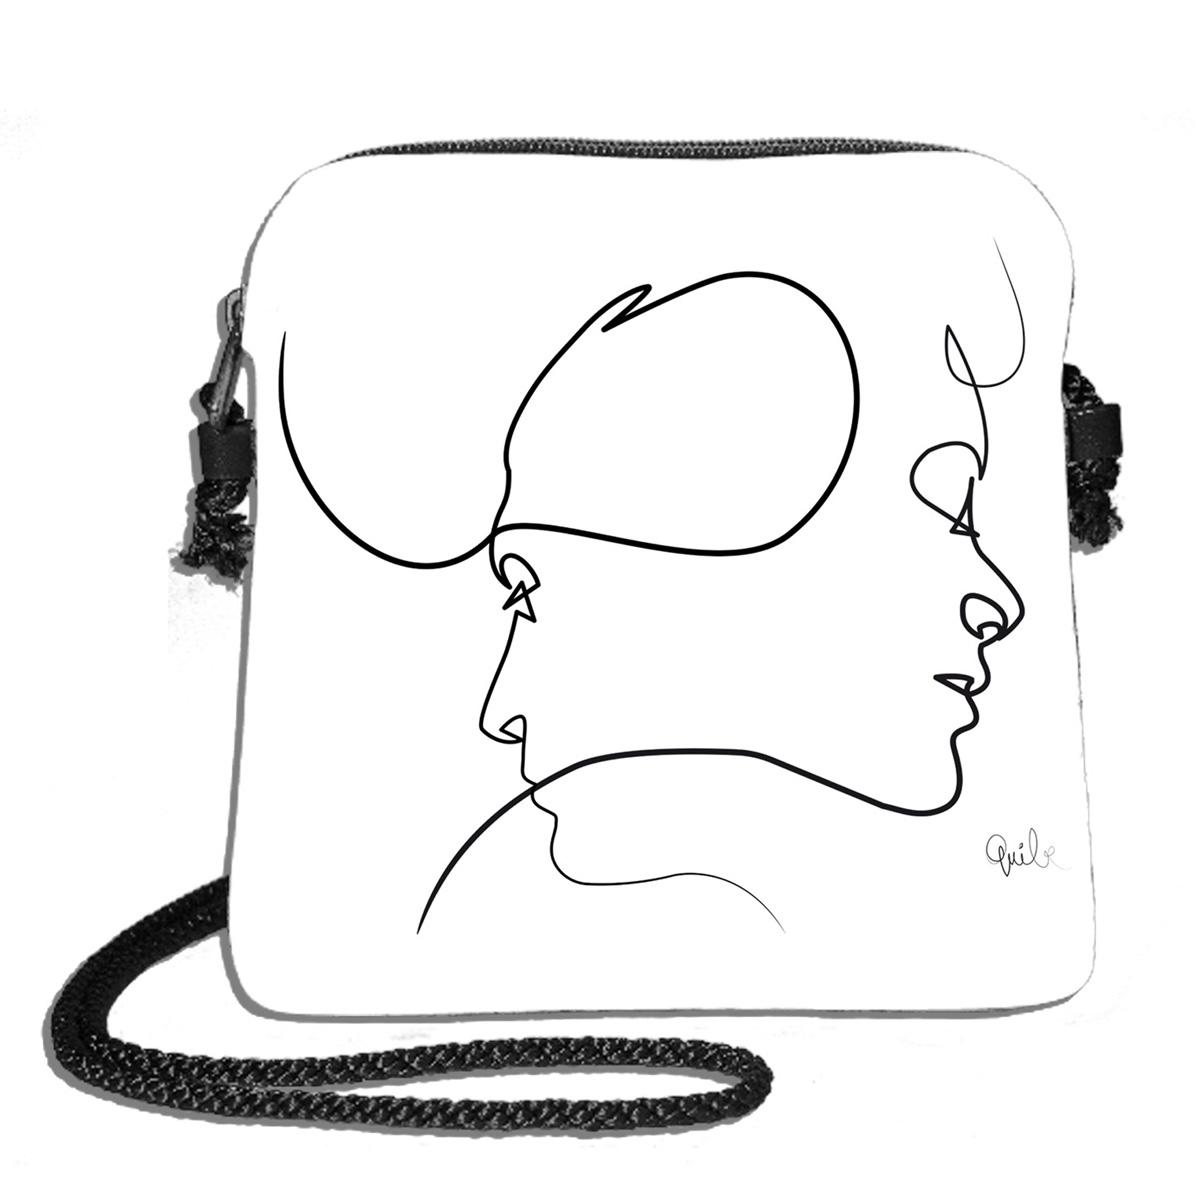 Sac bandoulière artisanal \'Quibe\' blanc noir (Presque - visages)  - 18x17 cm - [A0338]